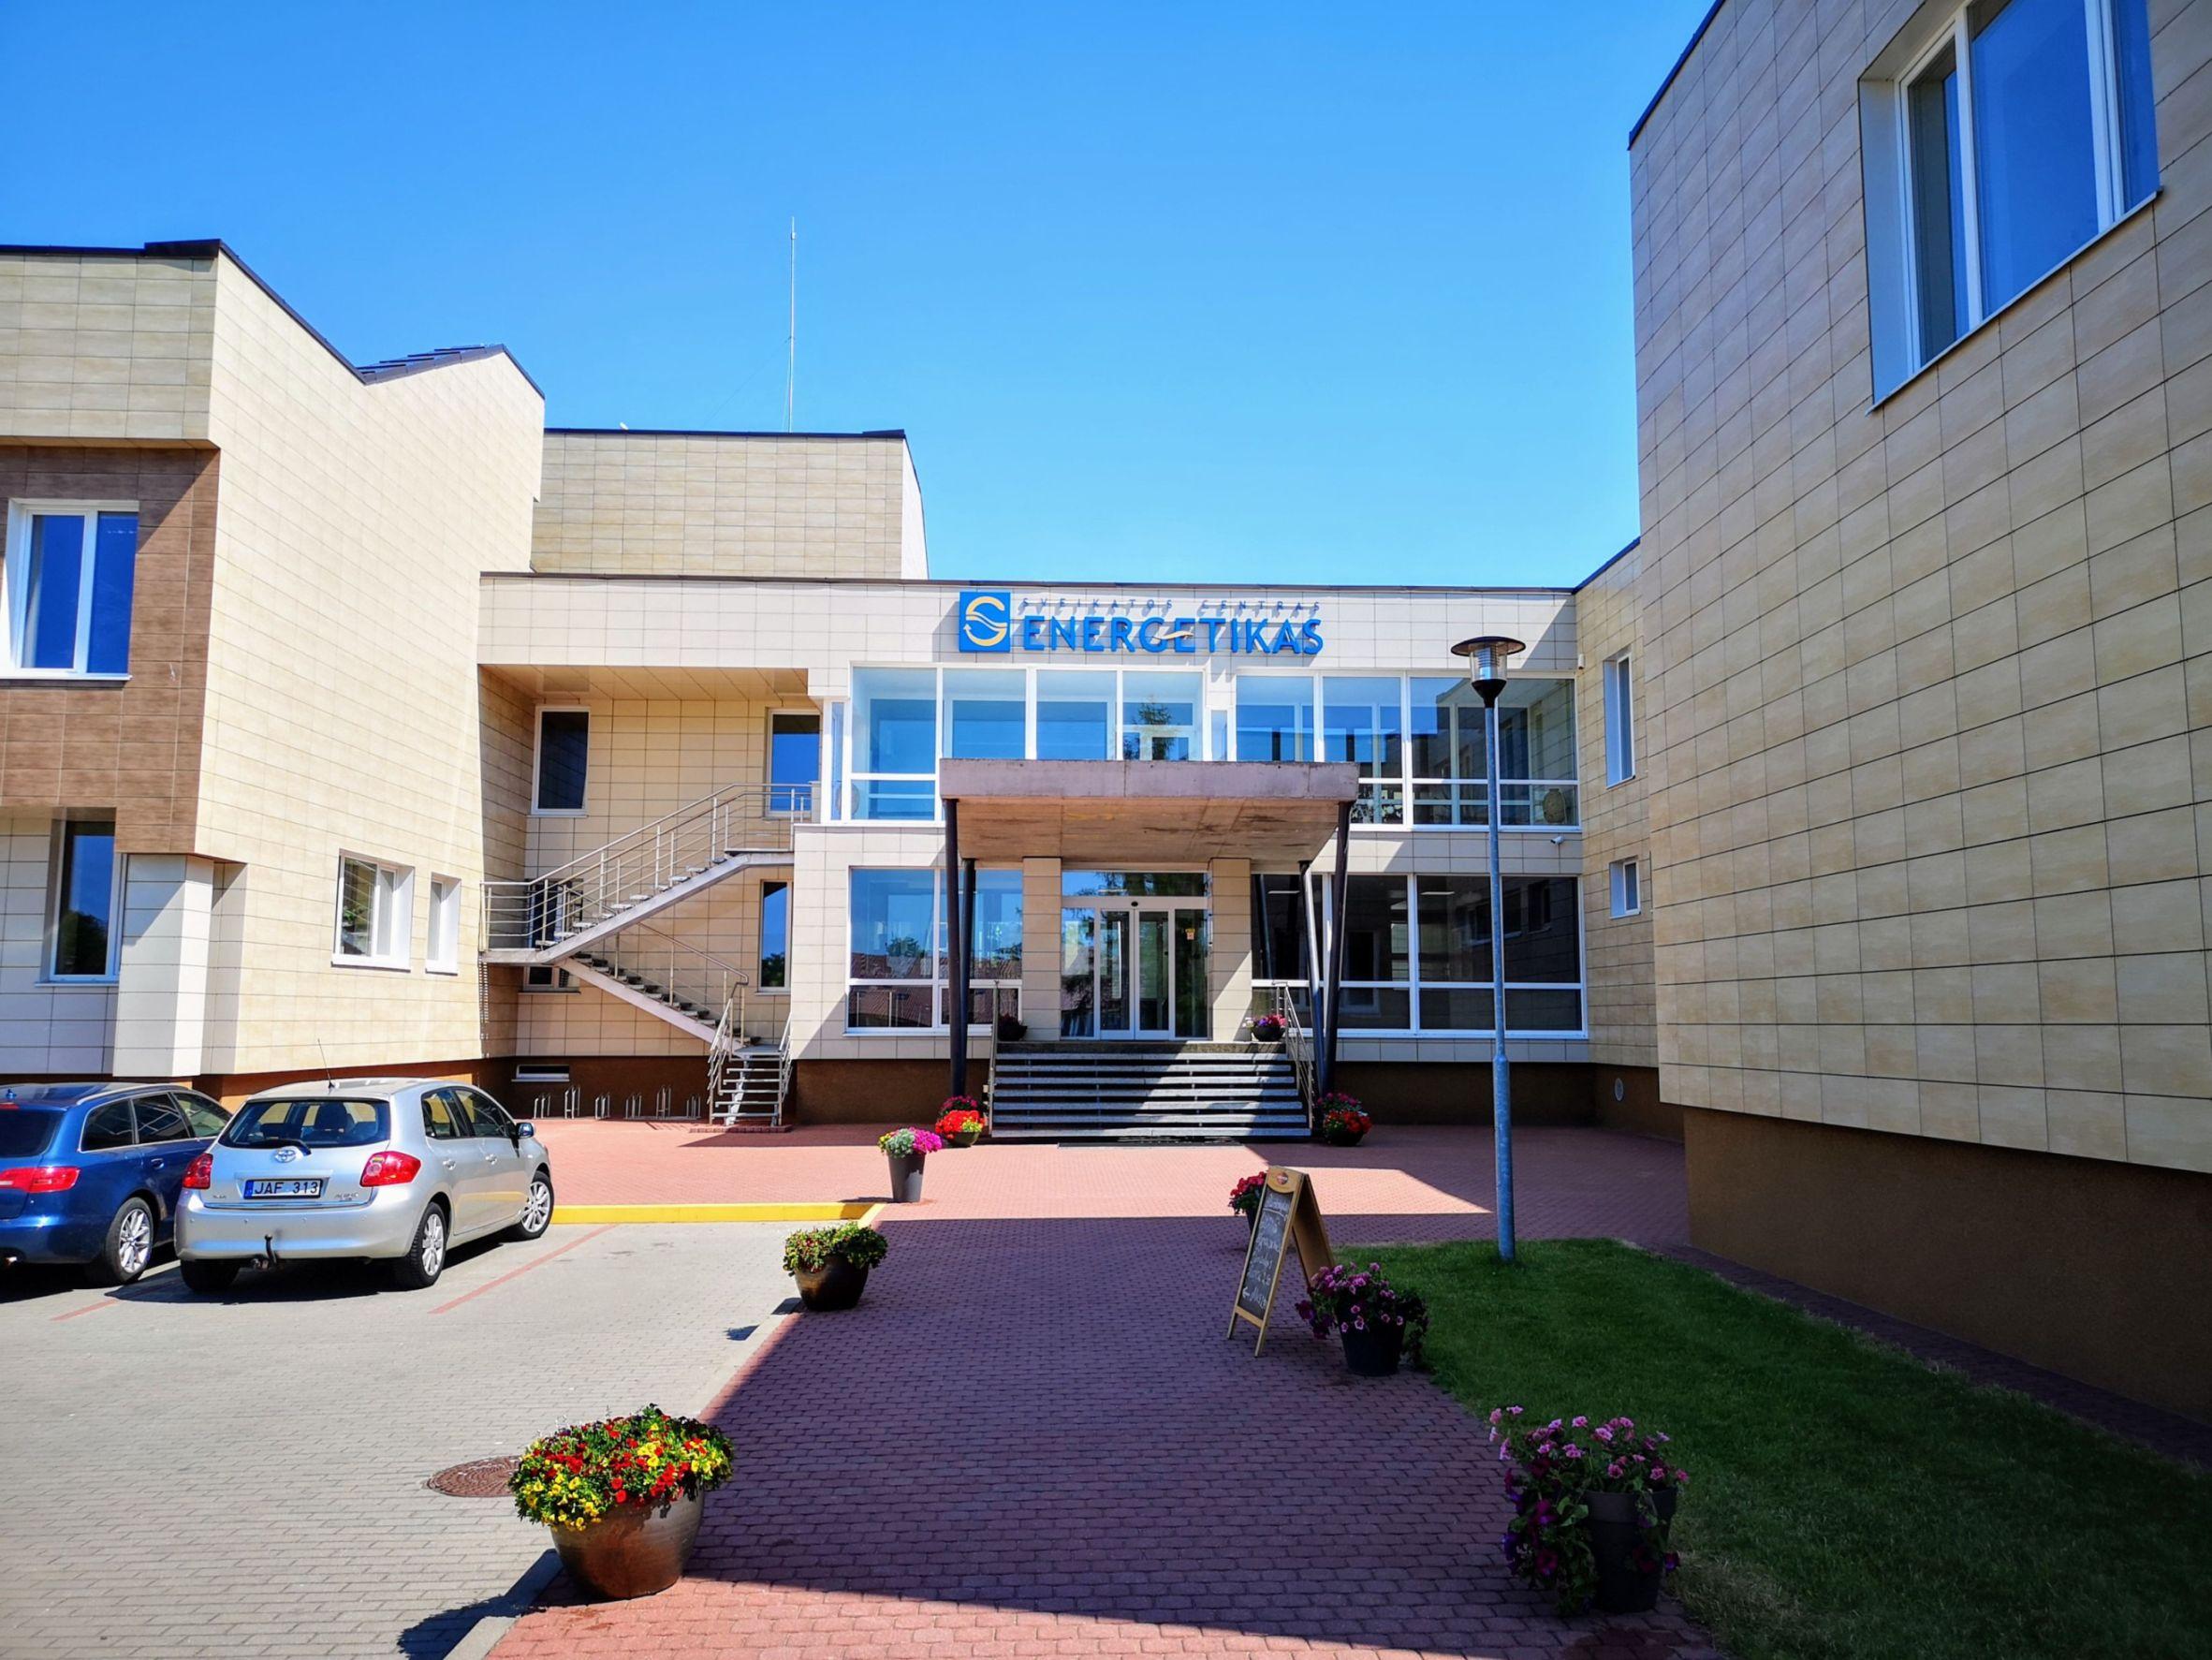 Gesundheitszentrum Energetikas